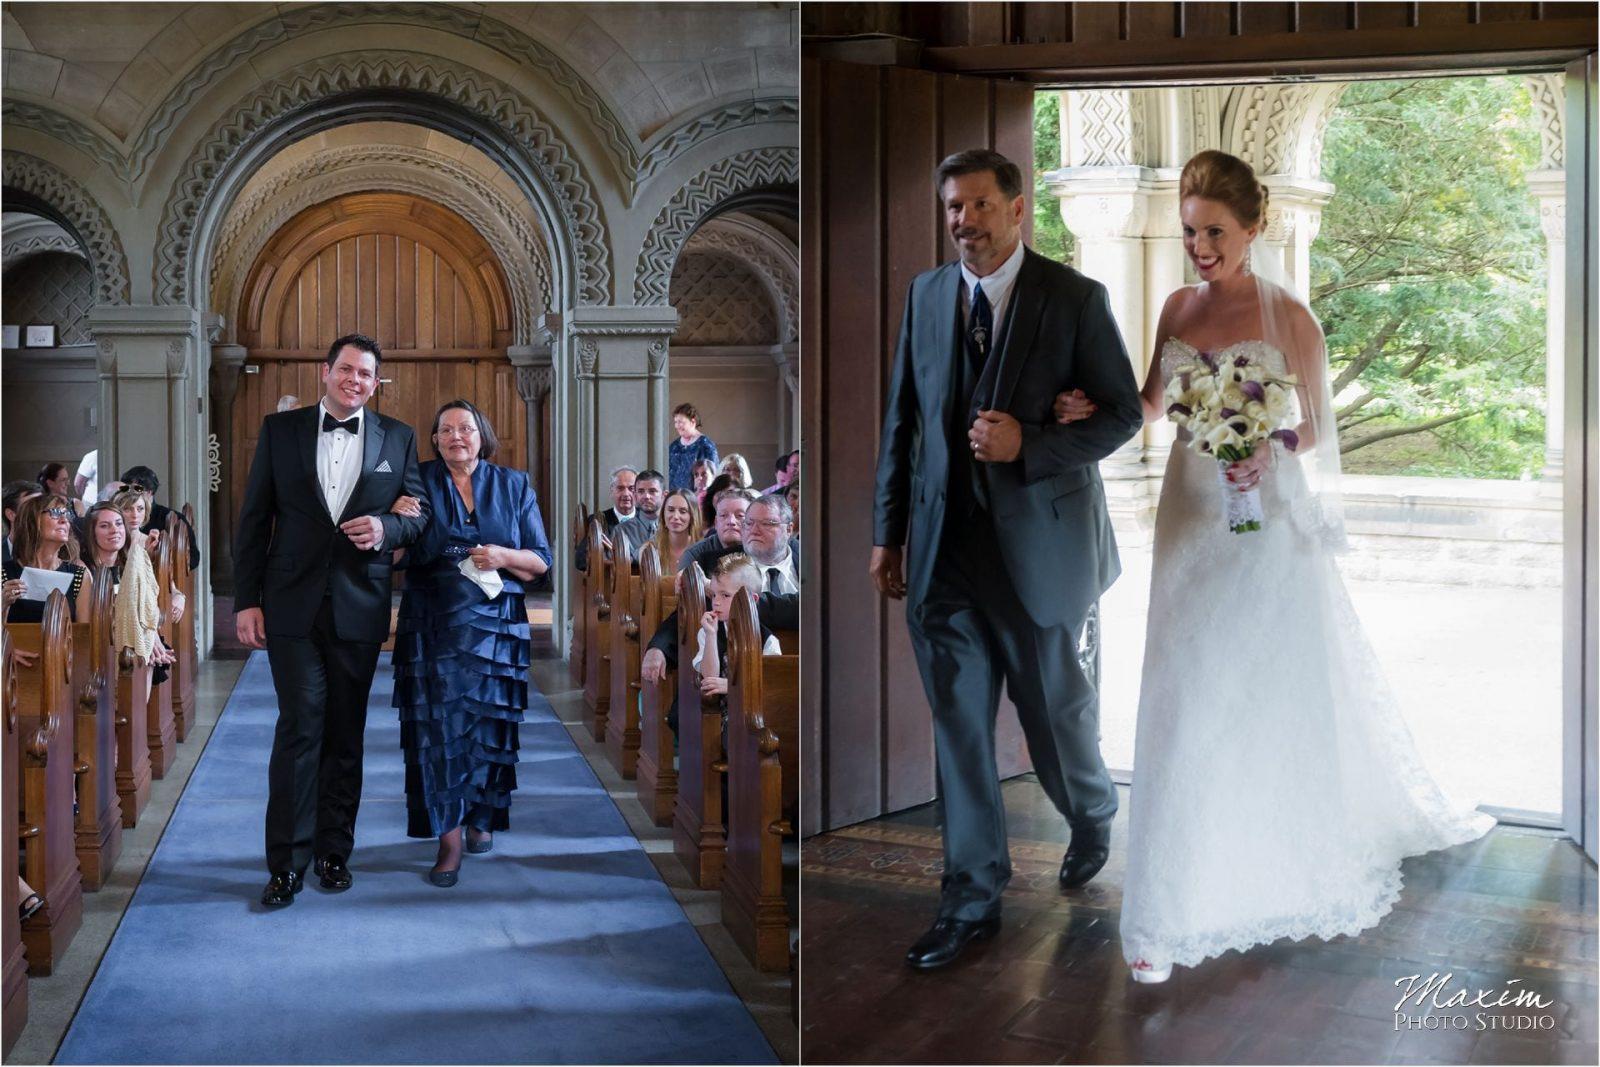 Norman Chapel, Cincinnati Wedding ceremony